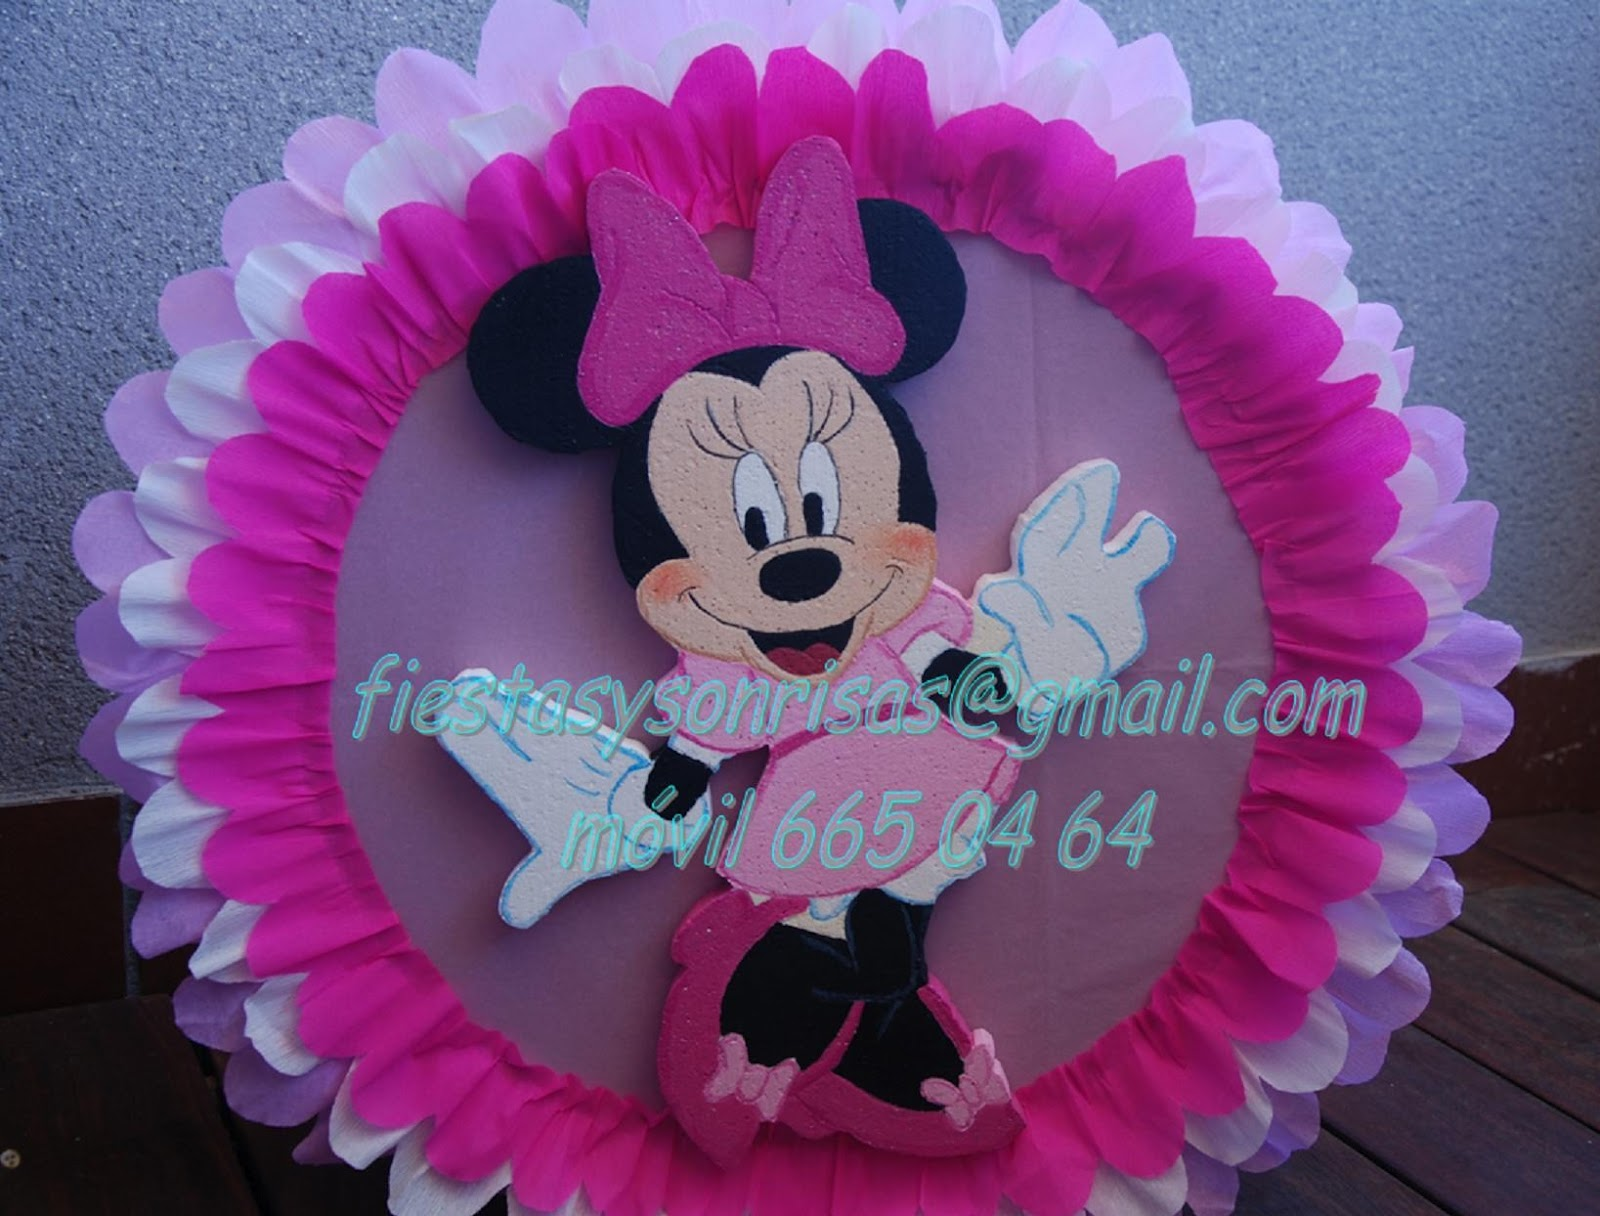 Minnie Decoraciones Fiestas Infantiles ~ Pin Cumplea?os De Minnie Fiestas Infantiles Decoracion Mouse 5jpg on